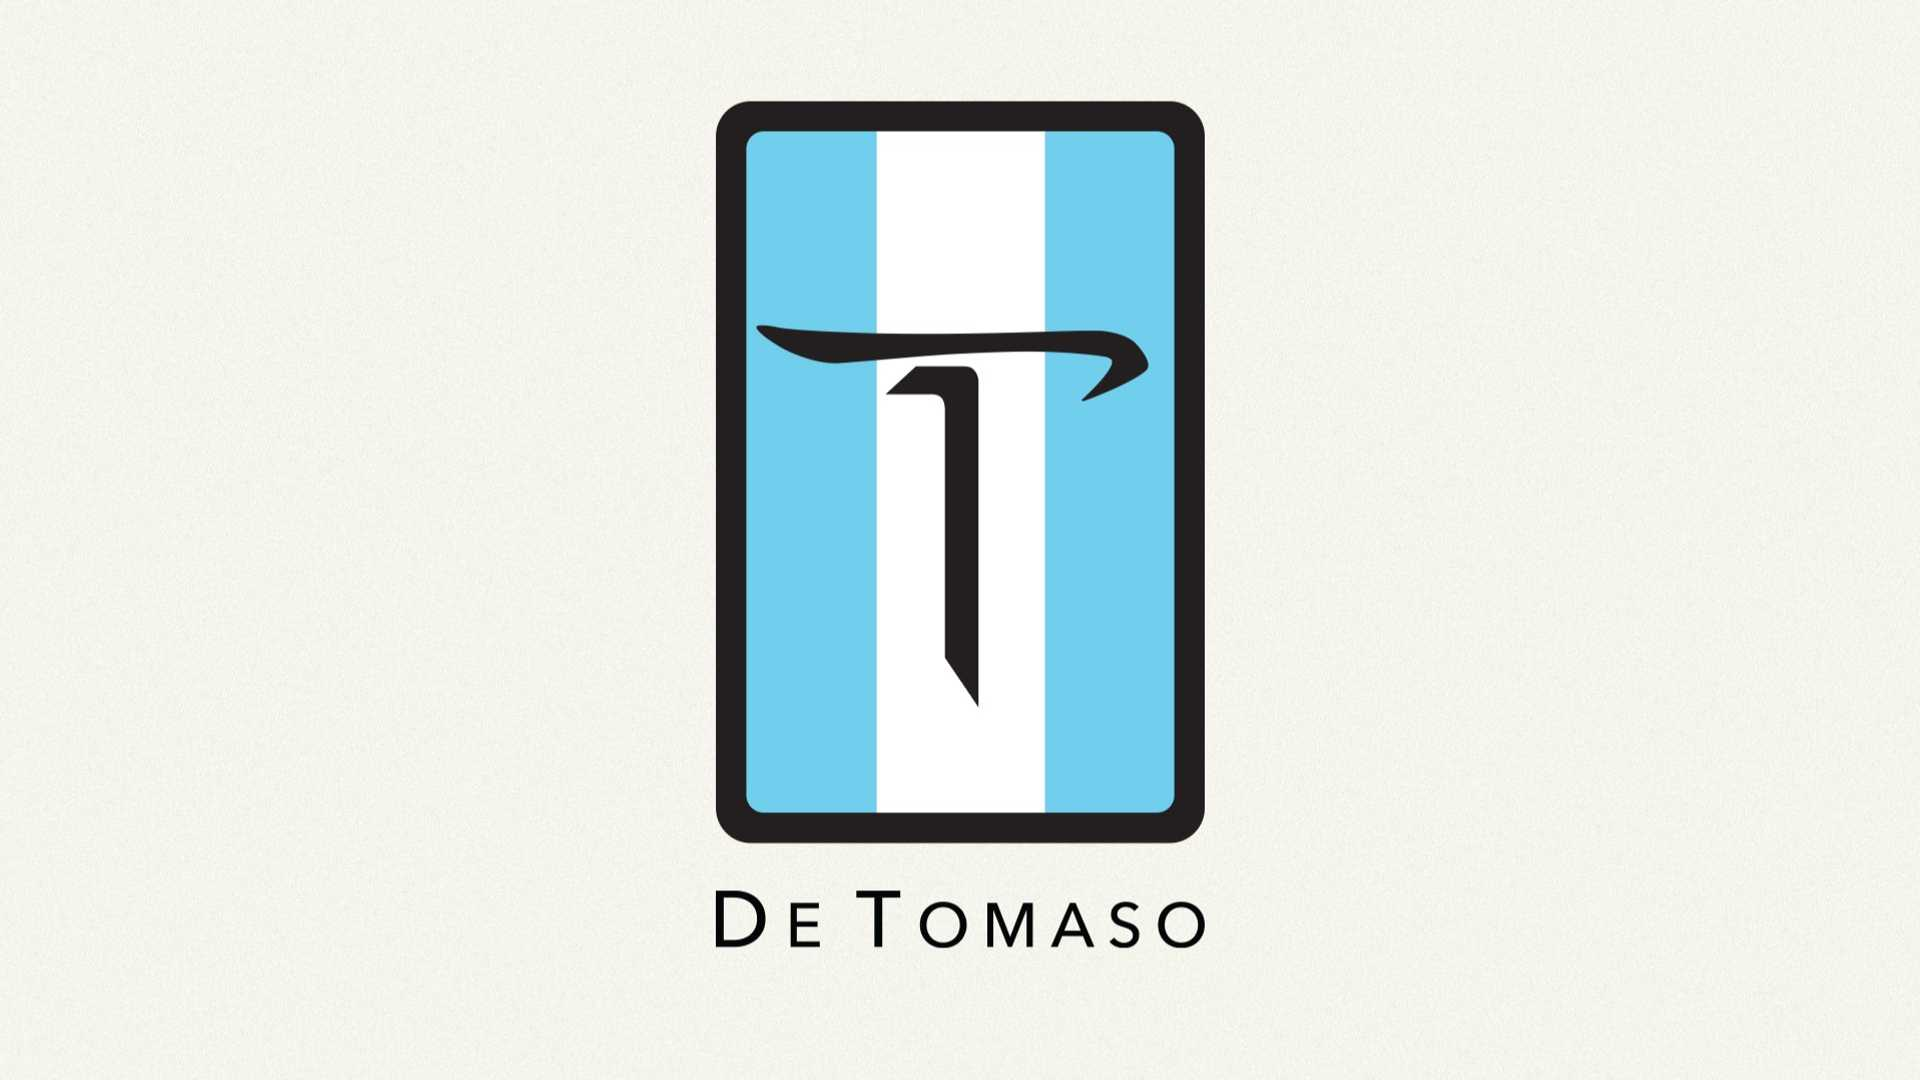 """Résultat de recherche d'images pour """"de tomaso"""""""